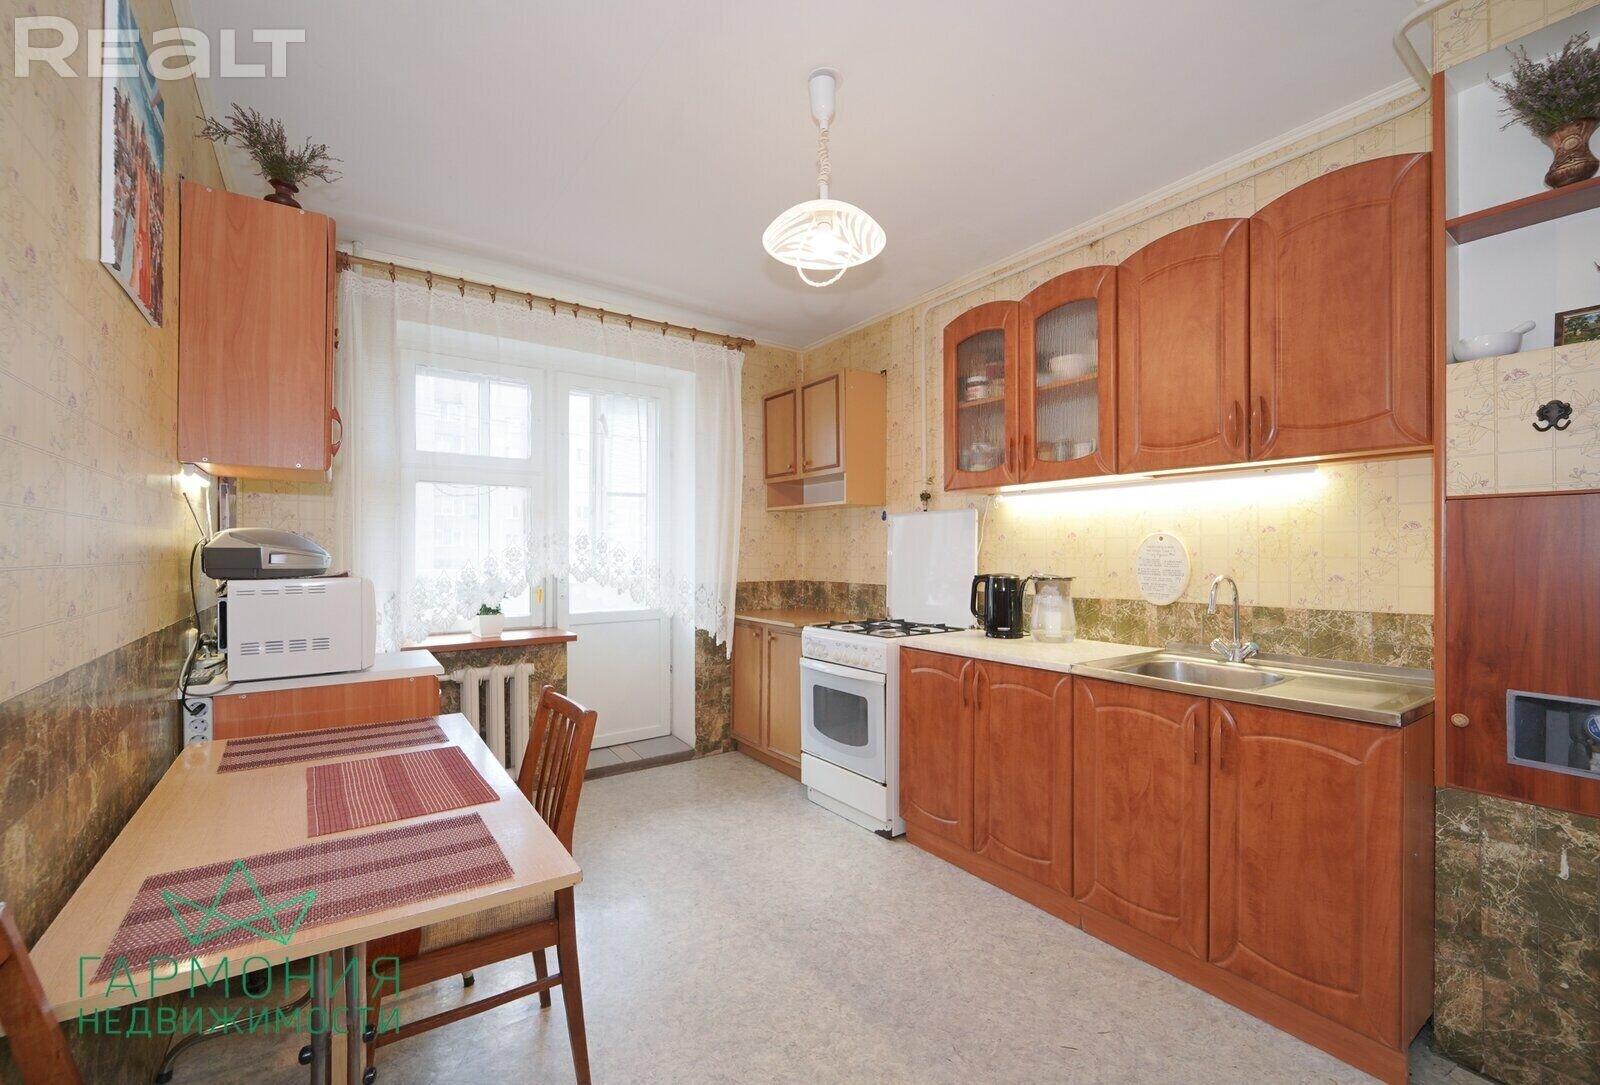 Продается отличная 2-х комн. квартира с большой кухней в кирпичном доме